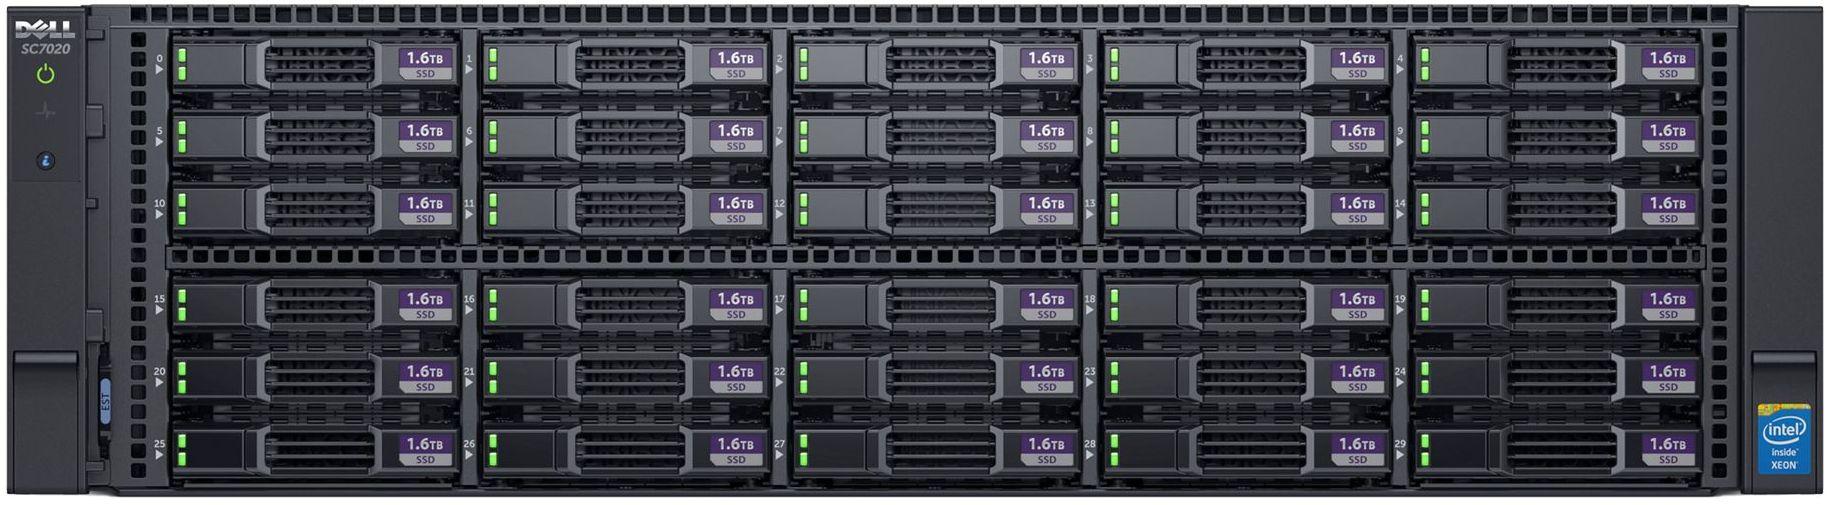 Dell EMC SC5020 SSD